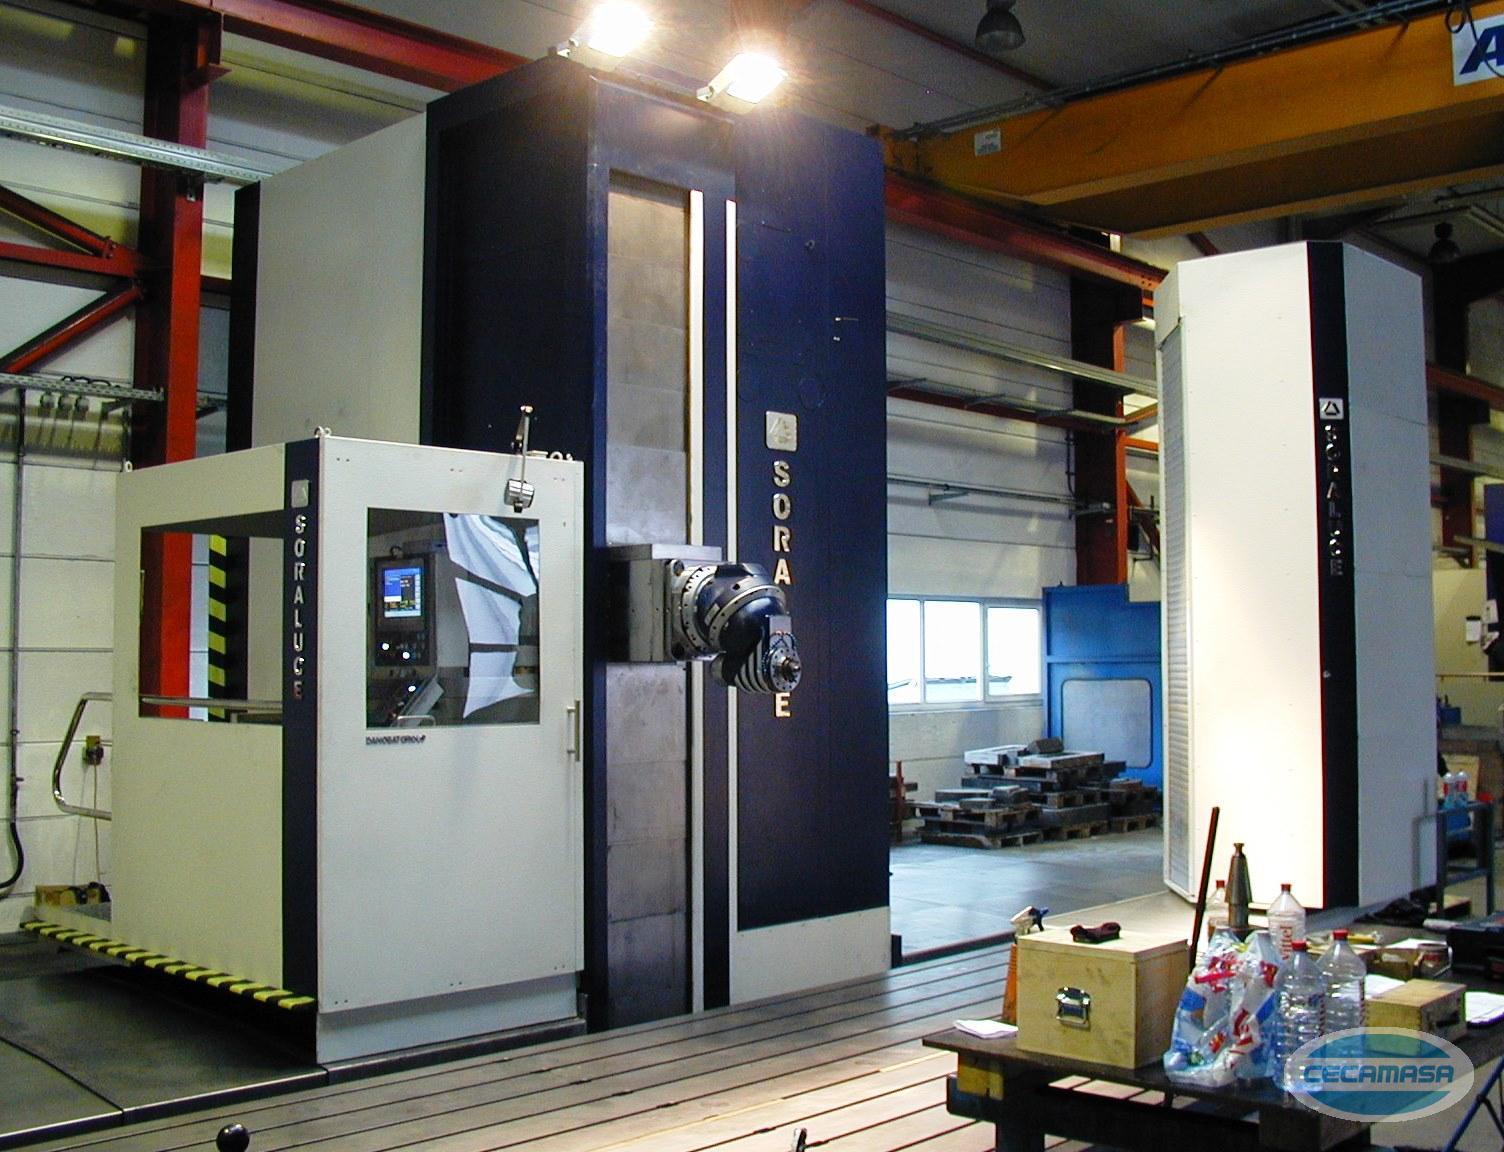 fresadora columna móvil soraluce fs 8000